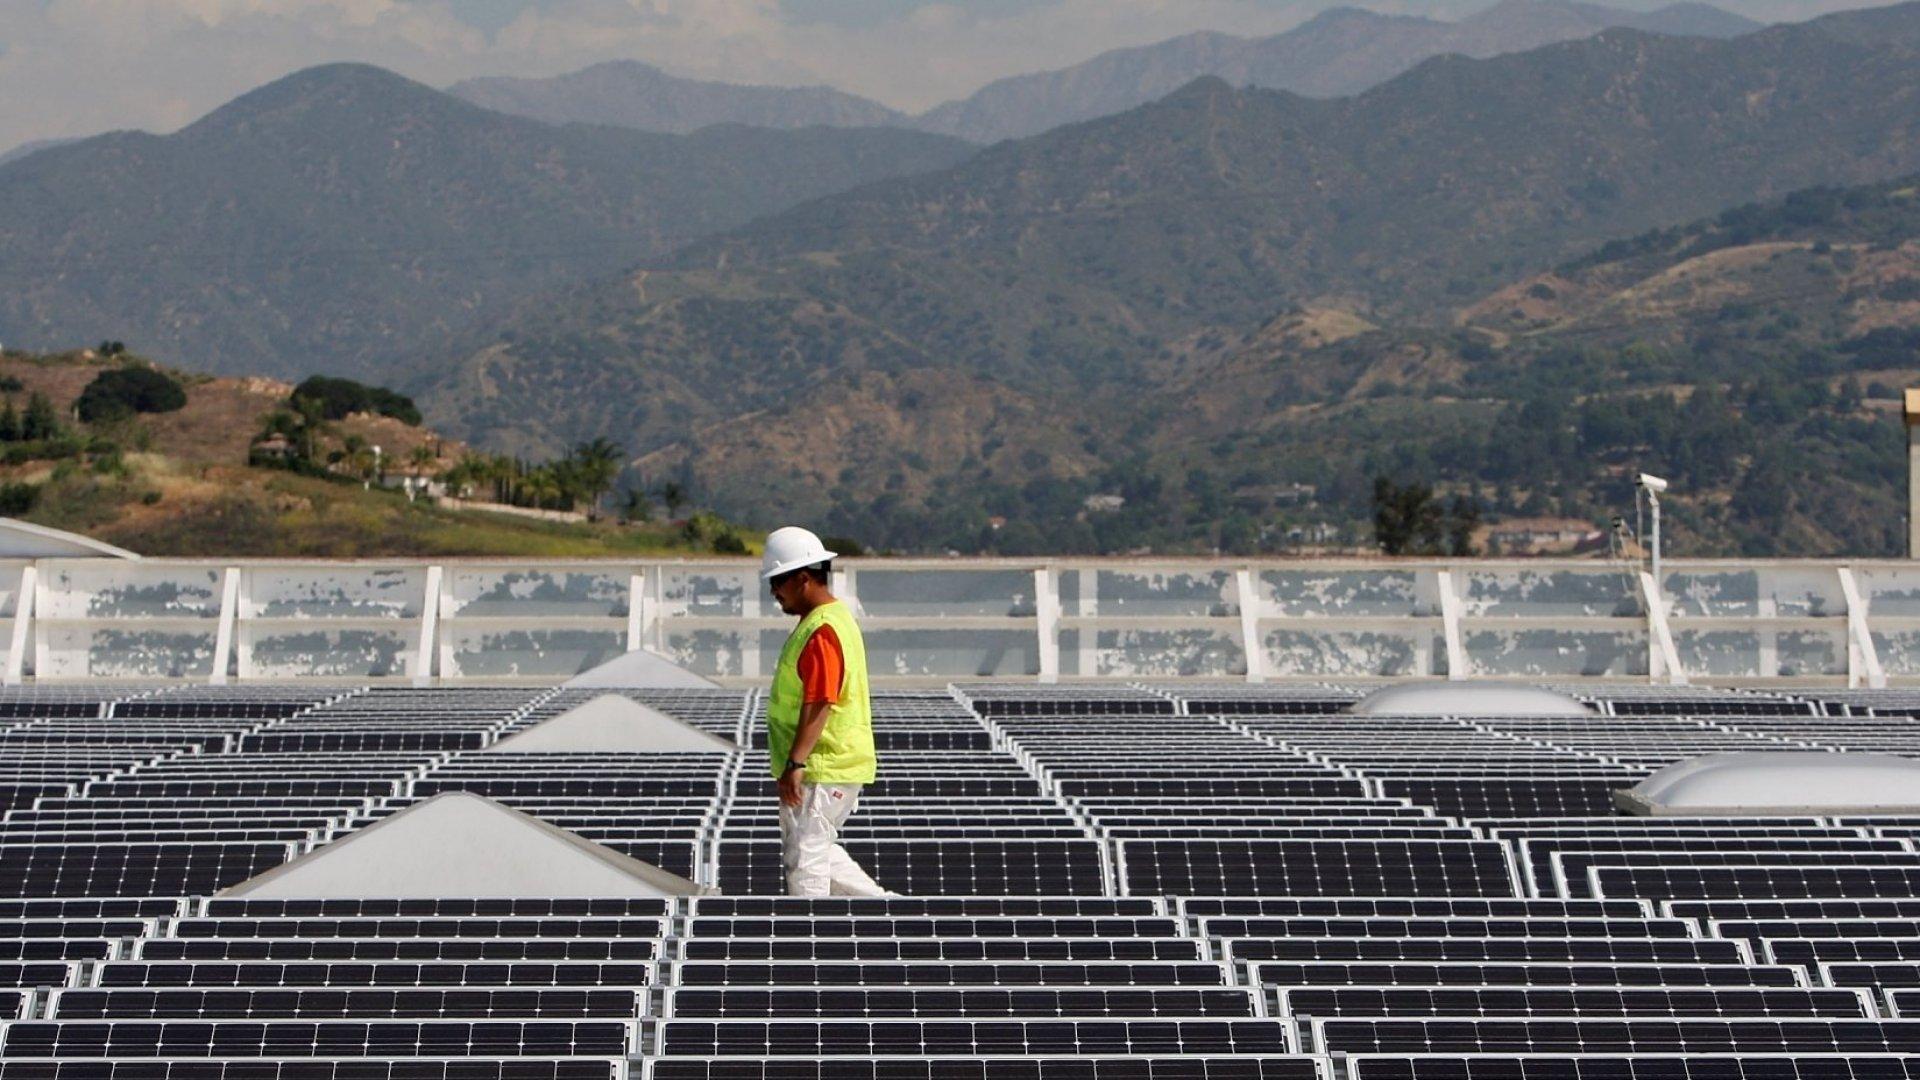 Walmart Sues Tesla Over 7 Rooftop Solar Panel Fires, Blames SolarCity Business Model